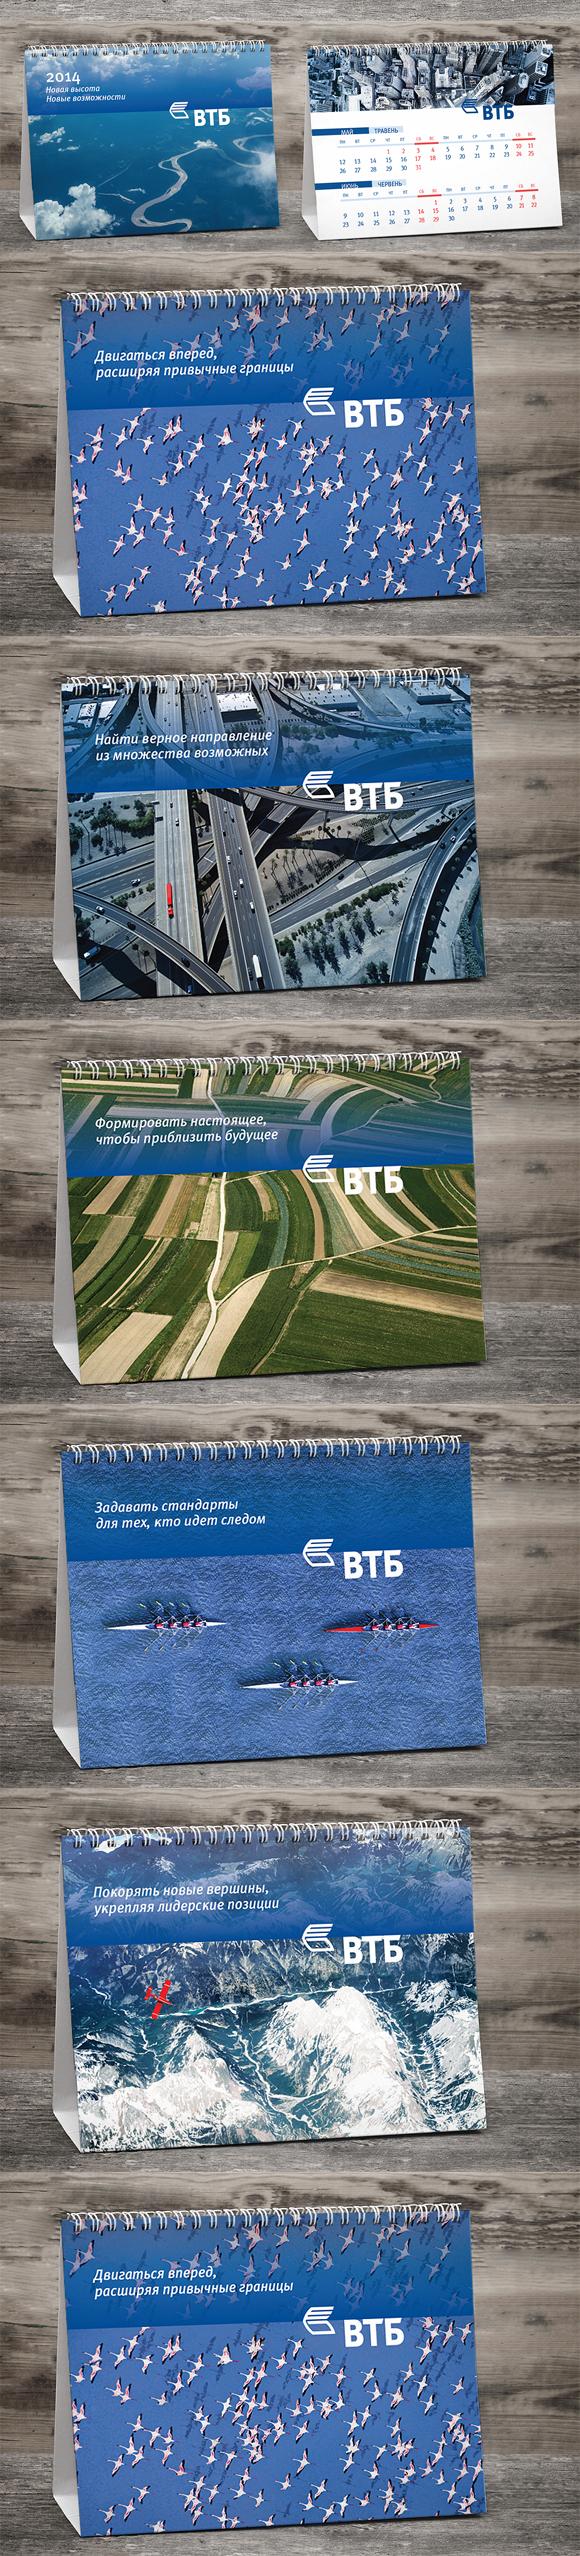 VTB_calendar